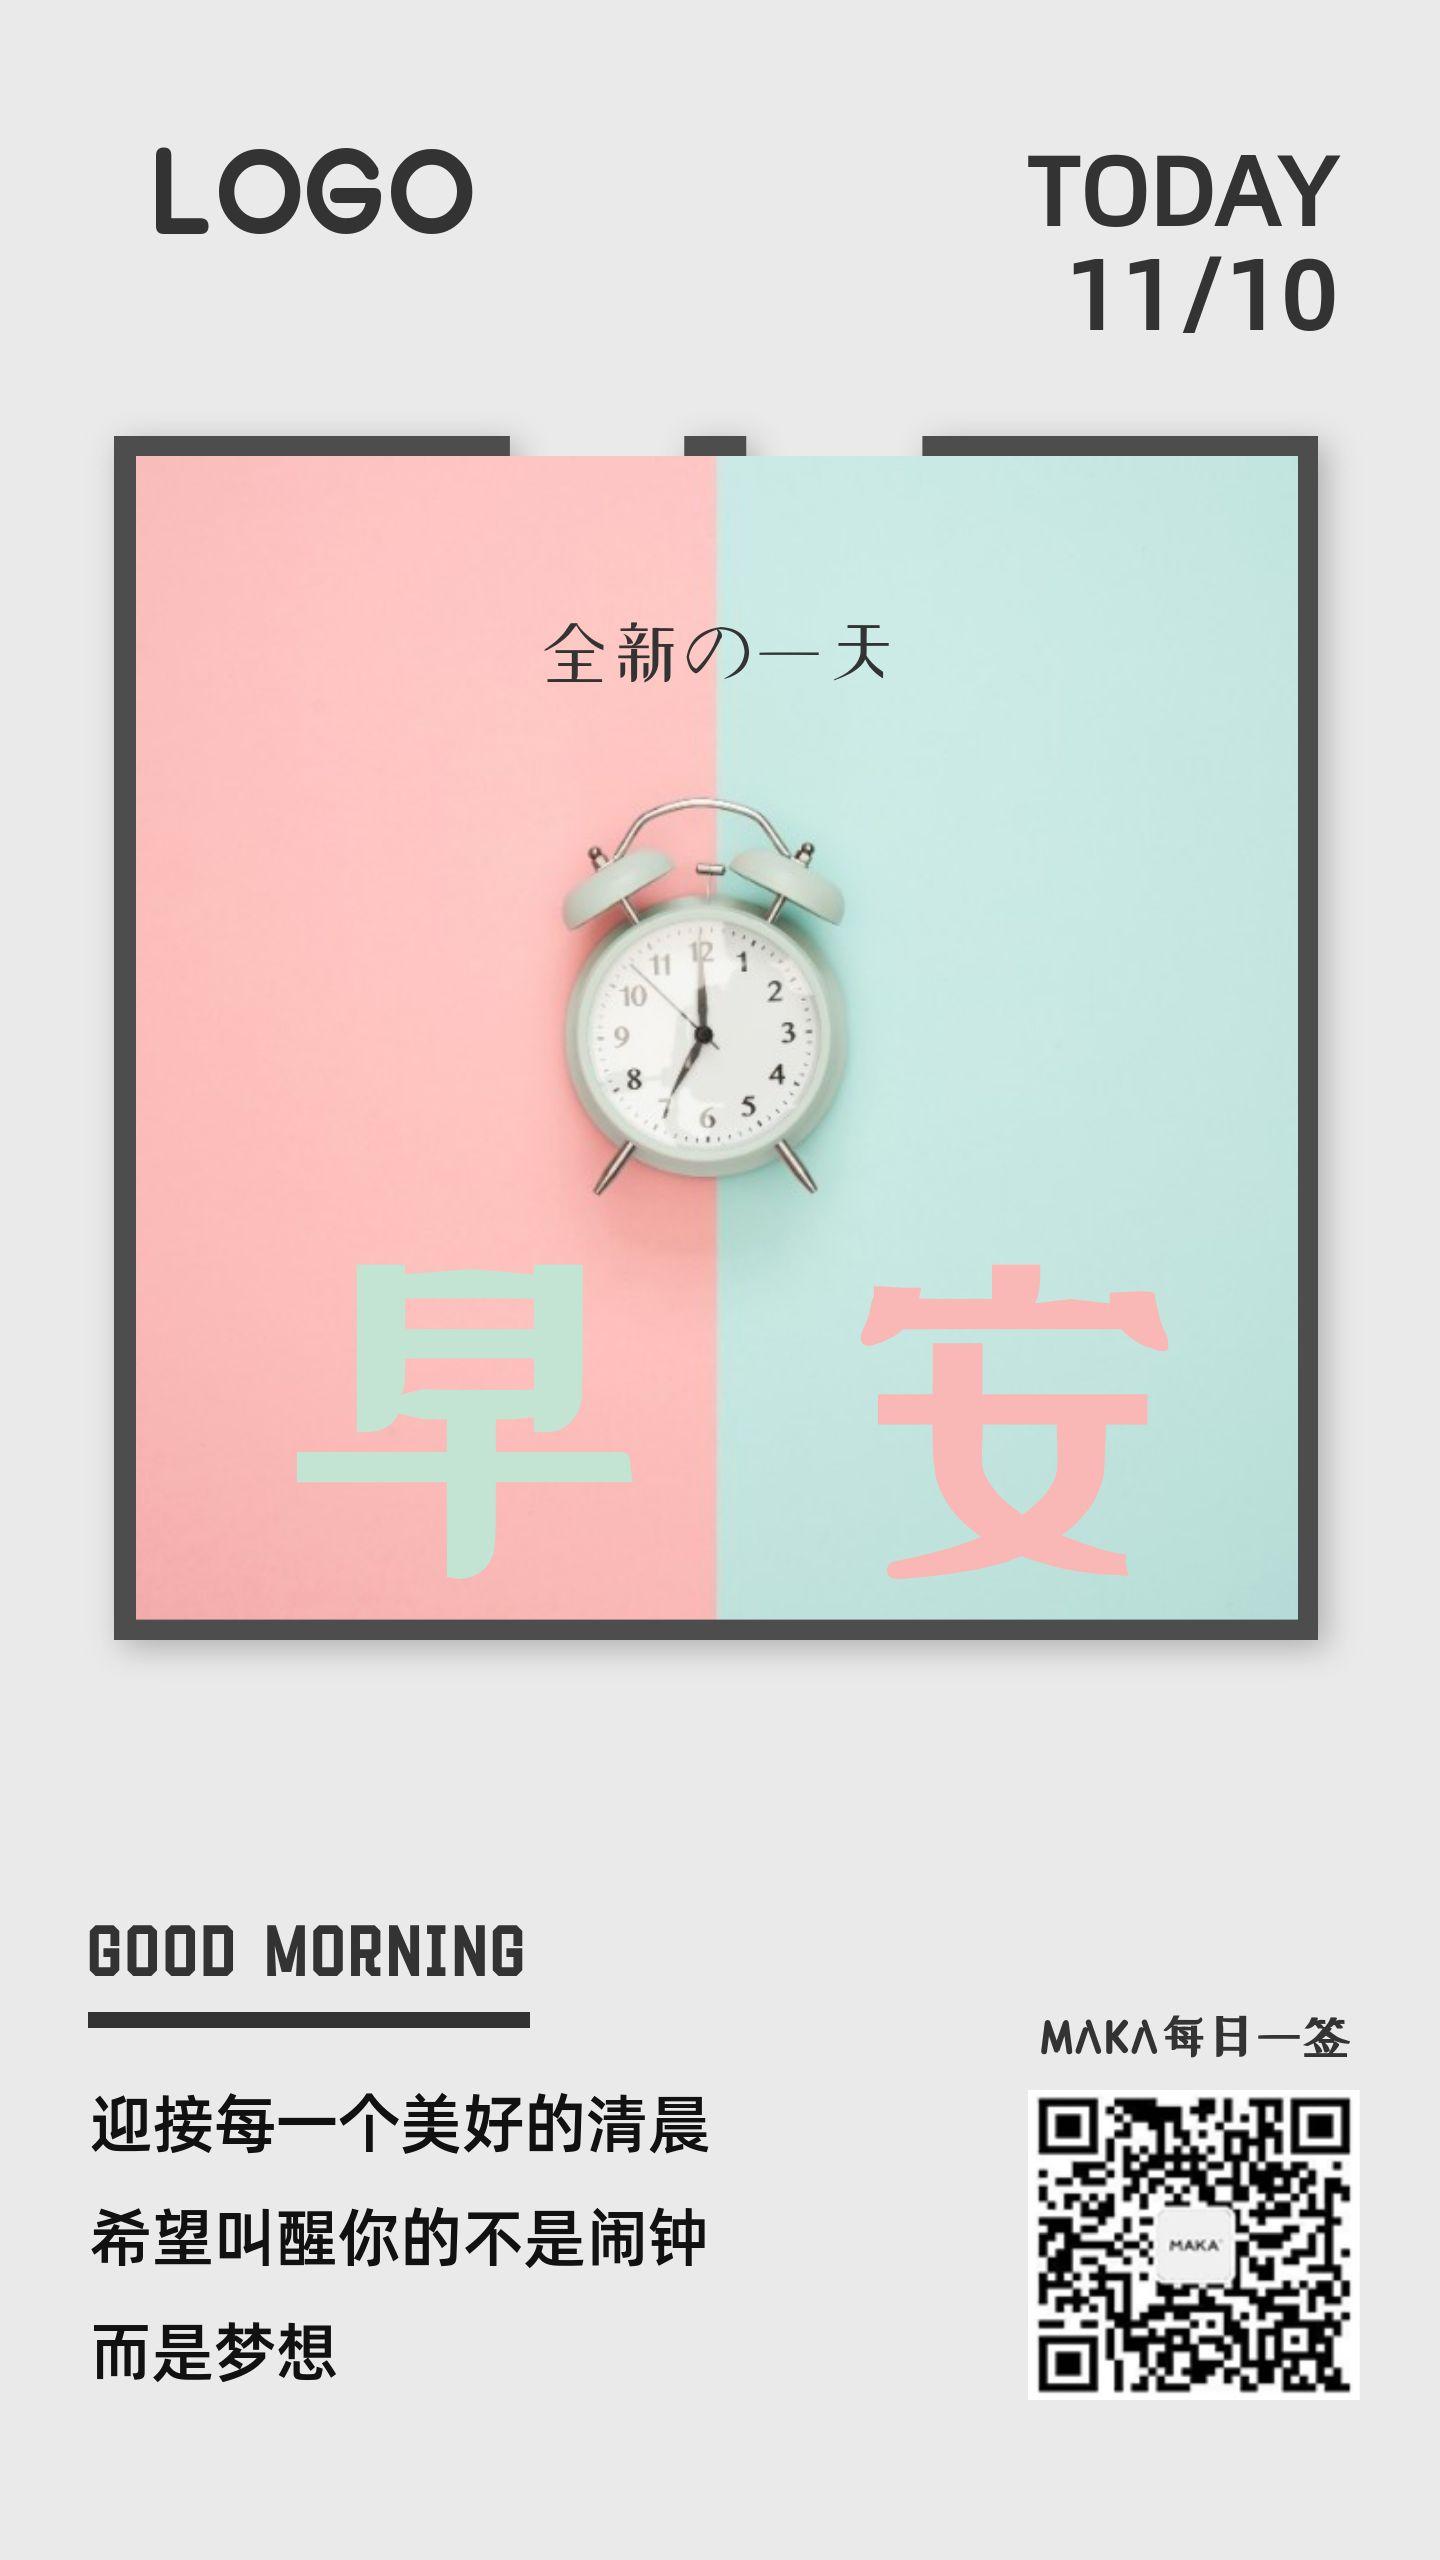 简约清新文艺早安心情语录励志朋友圈精选日签手机版海报